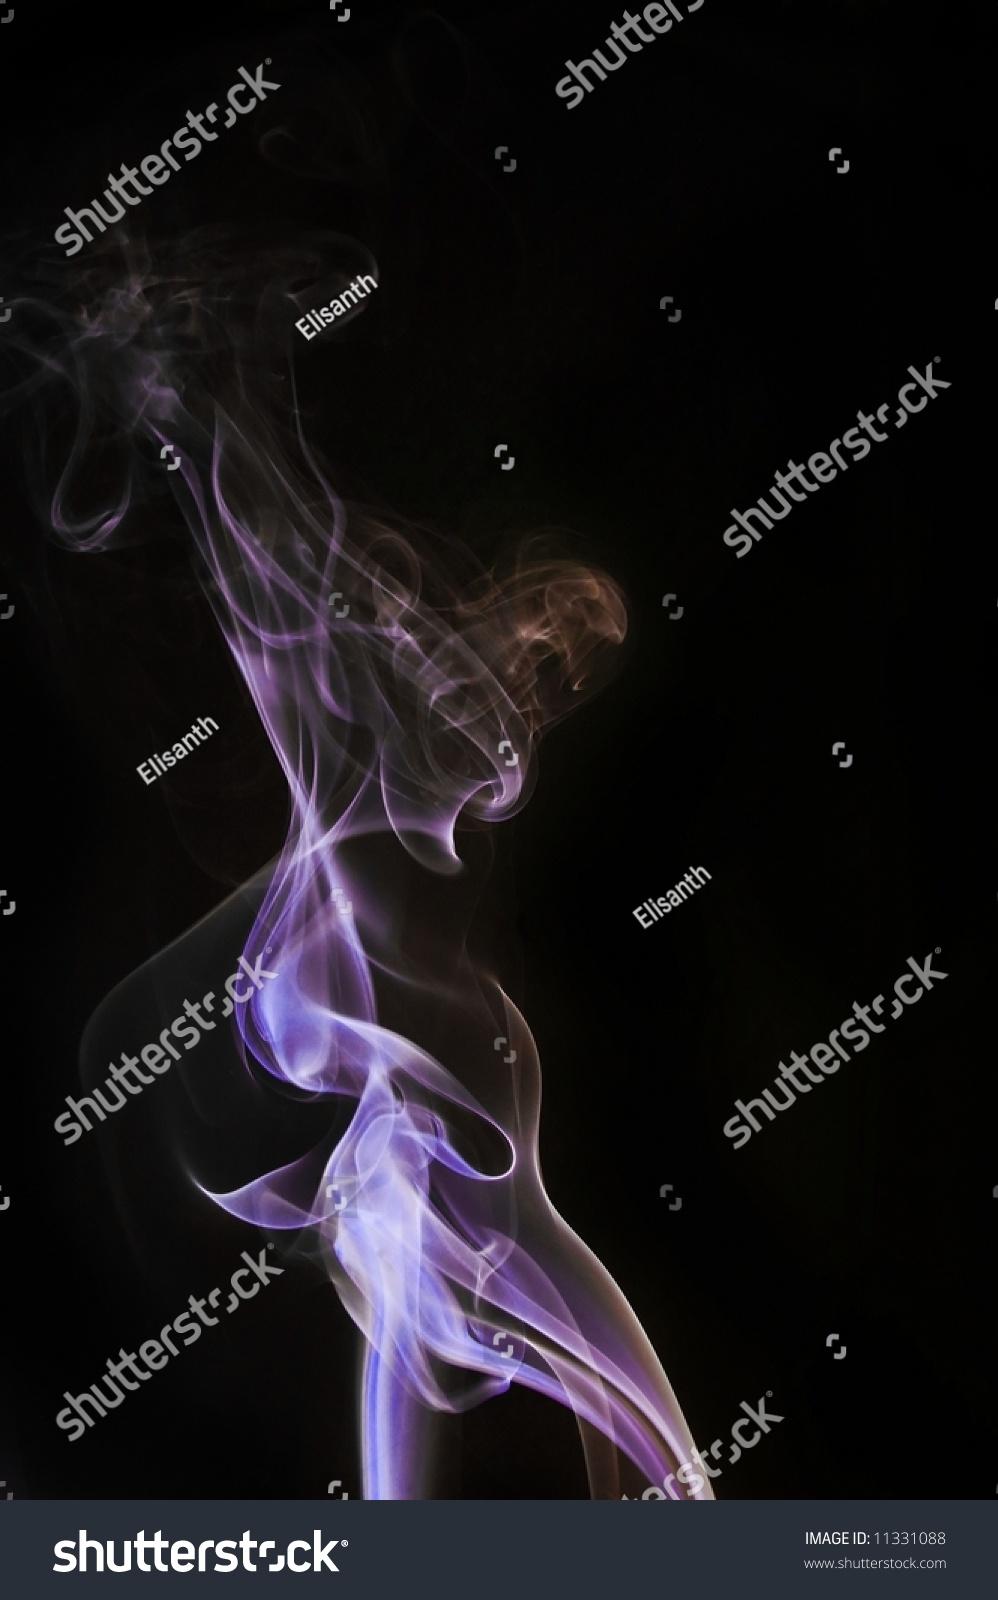 #4576466 #colored smoke, #Malena Morgan, #lips, #face, # ...  Colored Smoke Cigarettes